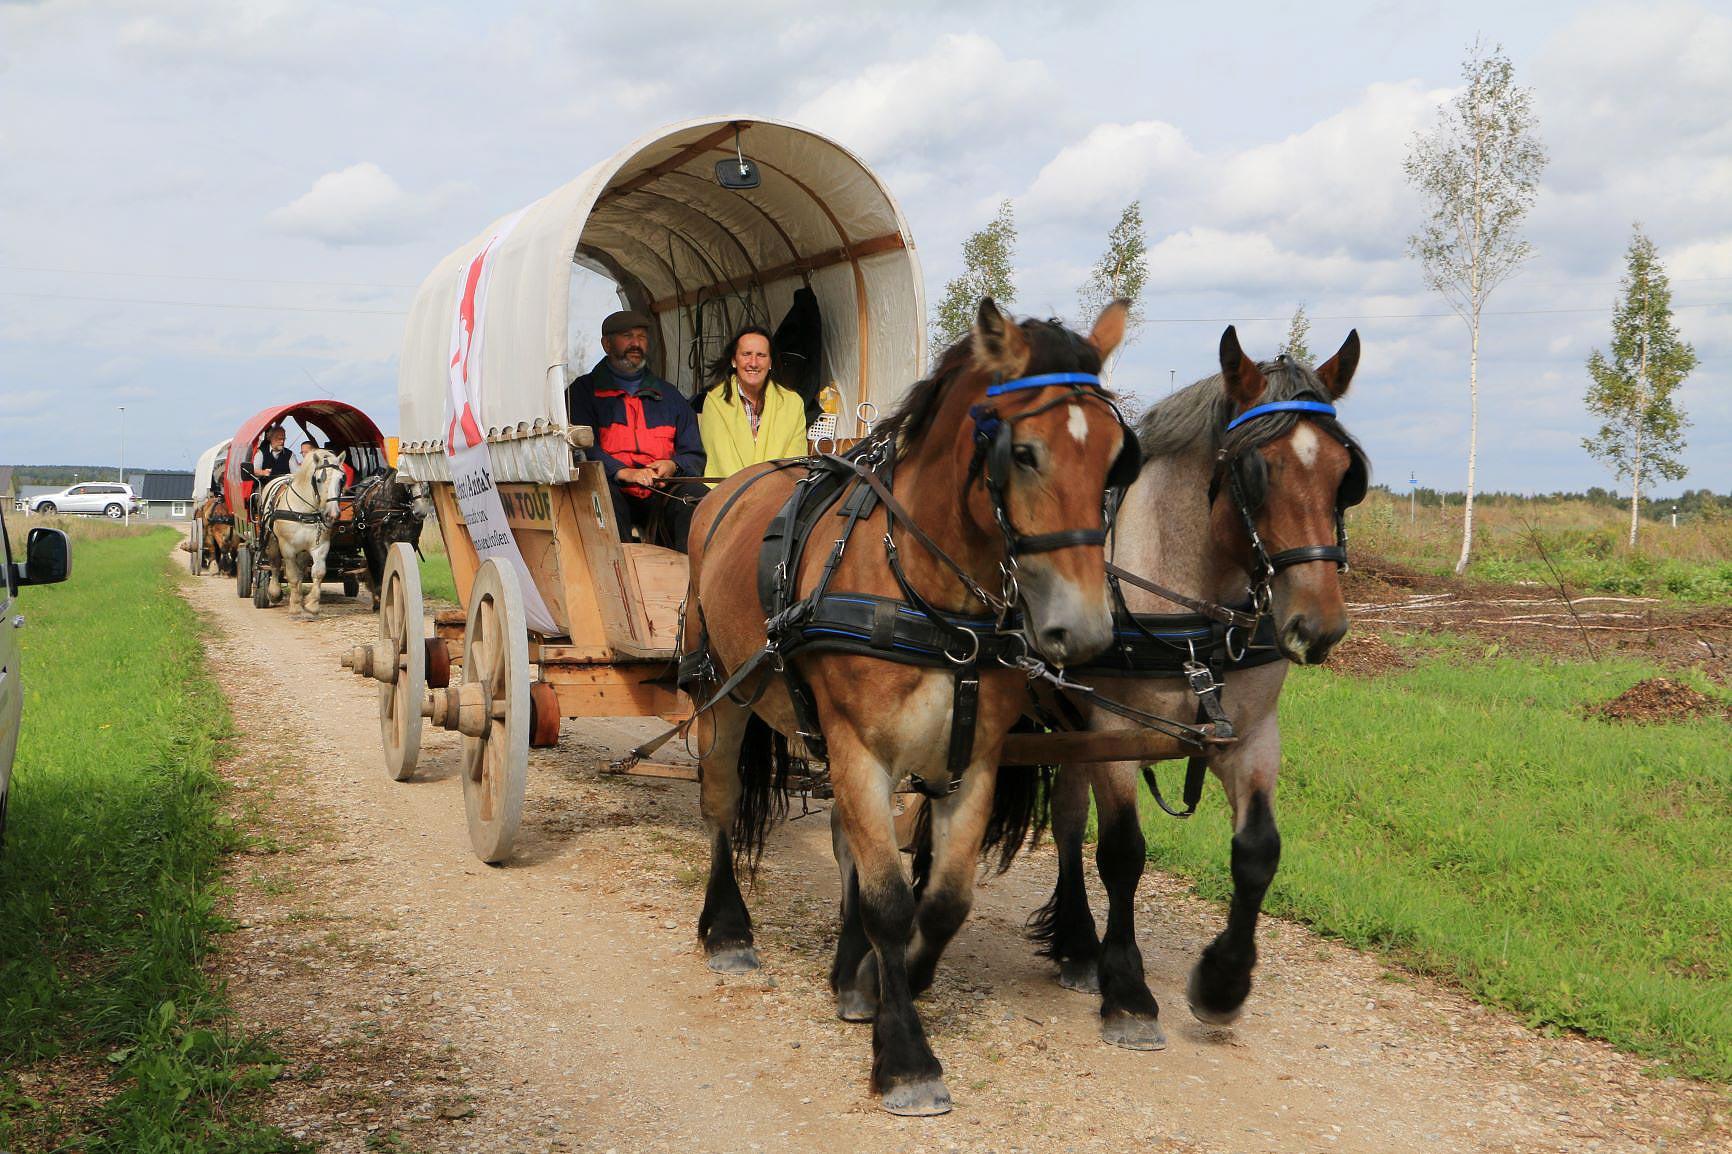 Immer weiter zieht der Treck - Am Peipussee in Estland - Titanen on tour